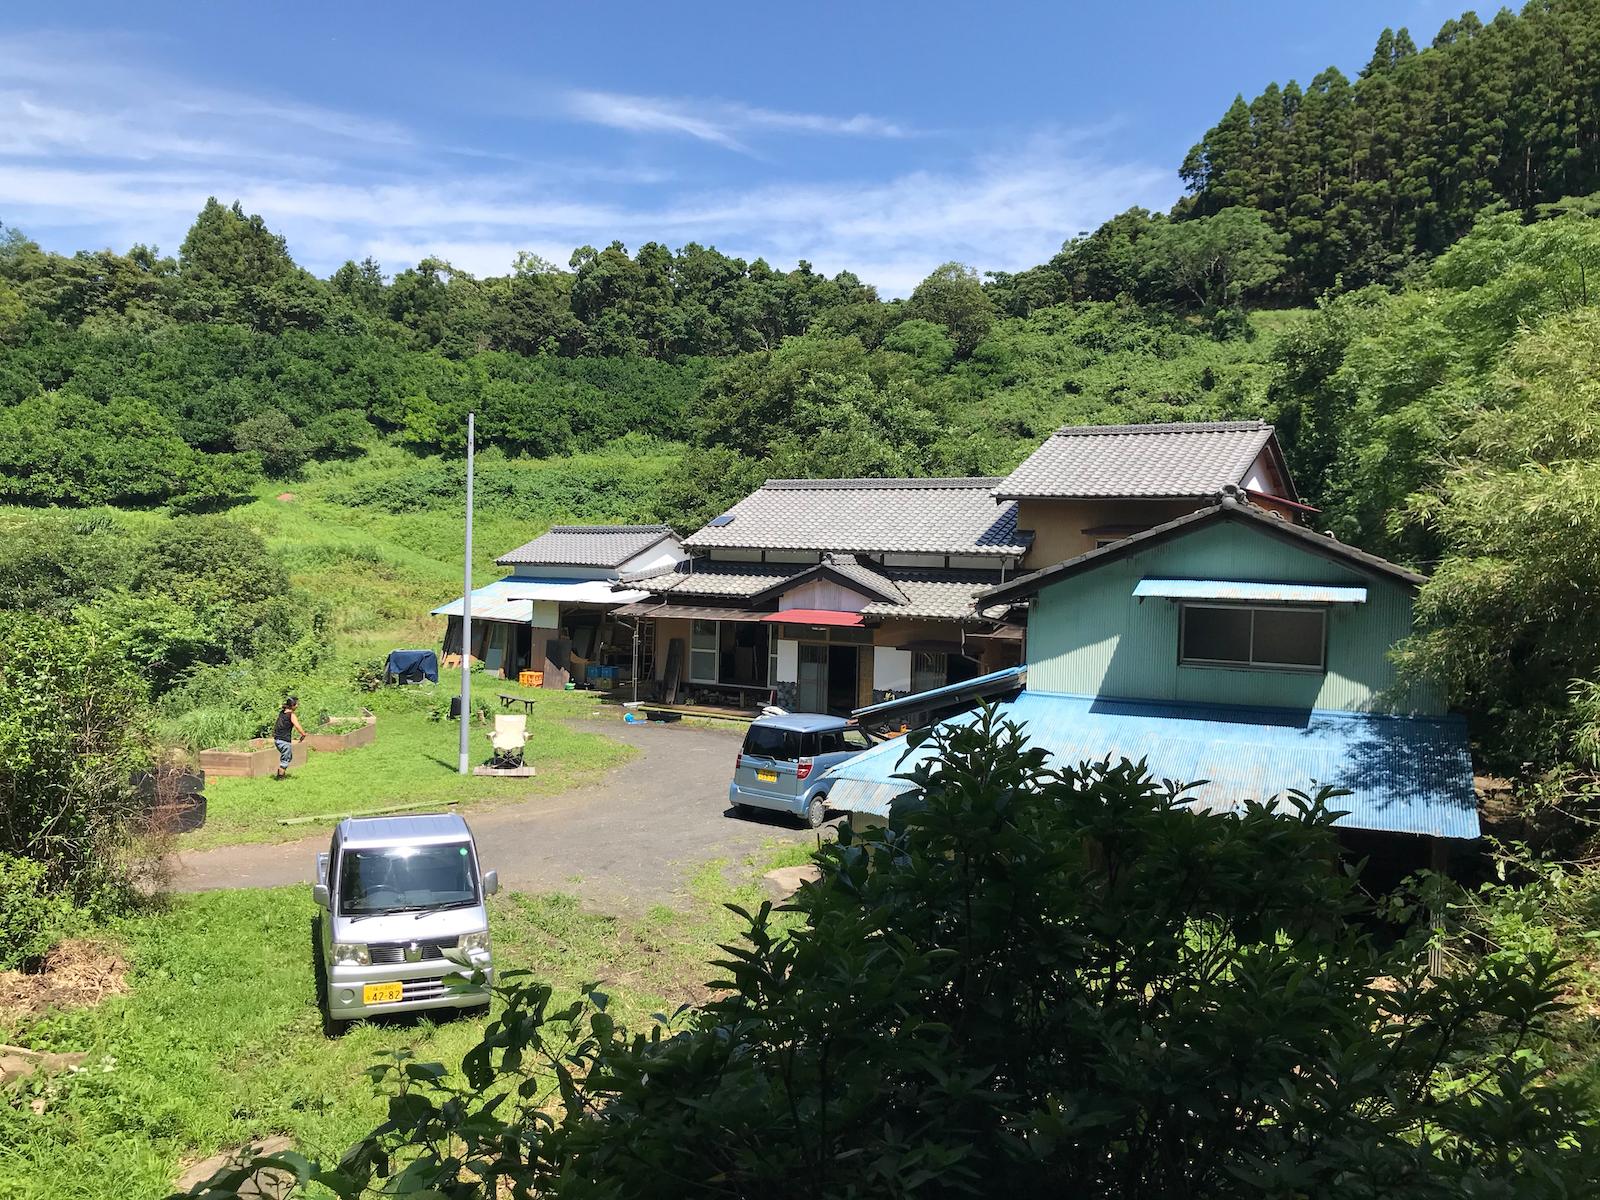 僕らが借りた古民家。古道への入り口に位置することから、屋号は『越路(けいじ)』